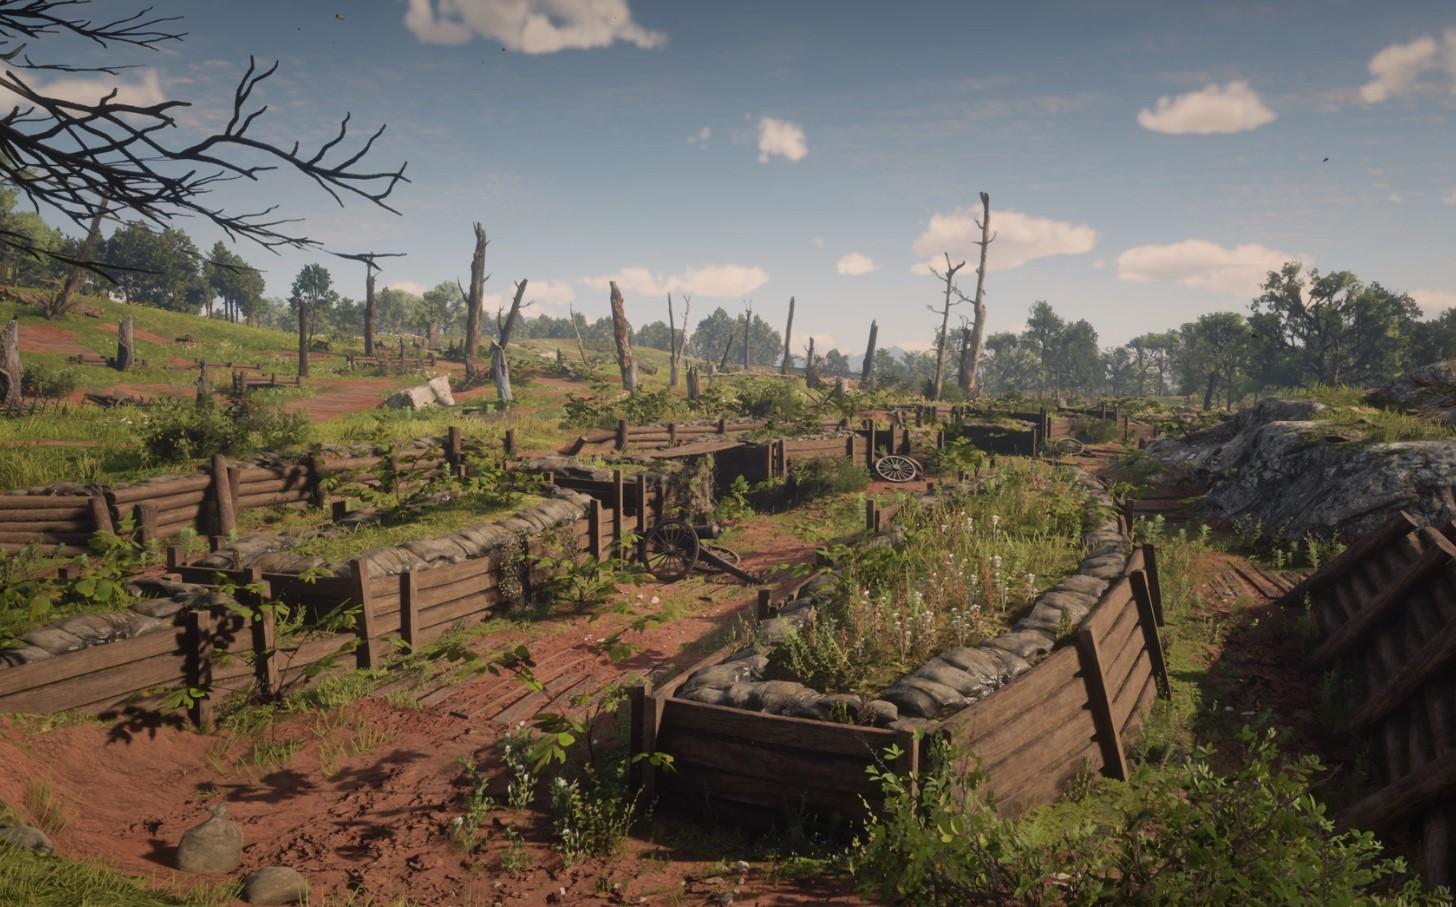 Lograron resolver un gran misterio de Red Dead Redemption 2: los fantasmas de Bolger Gate